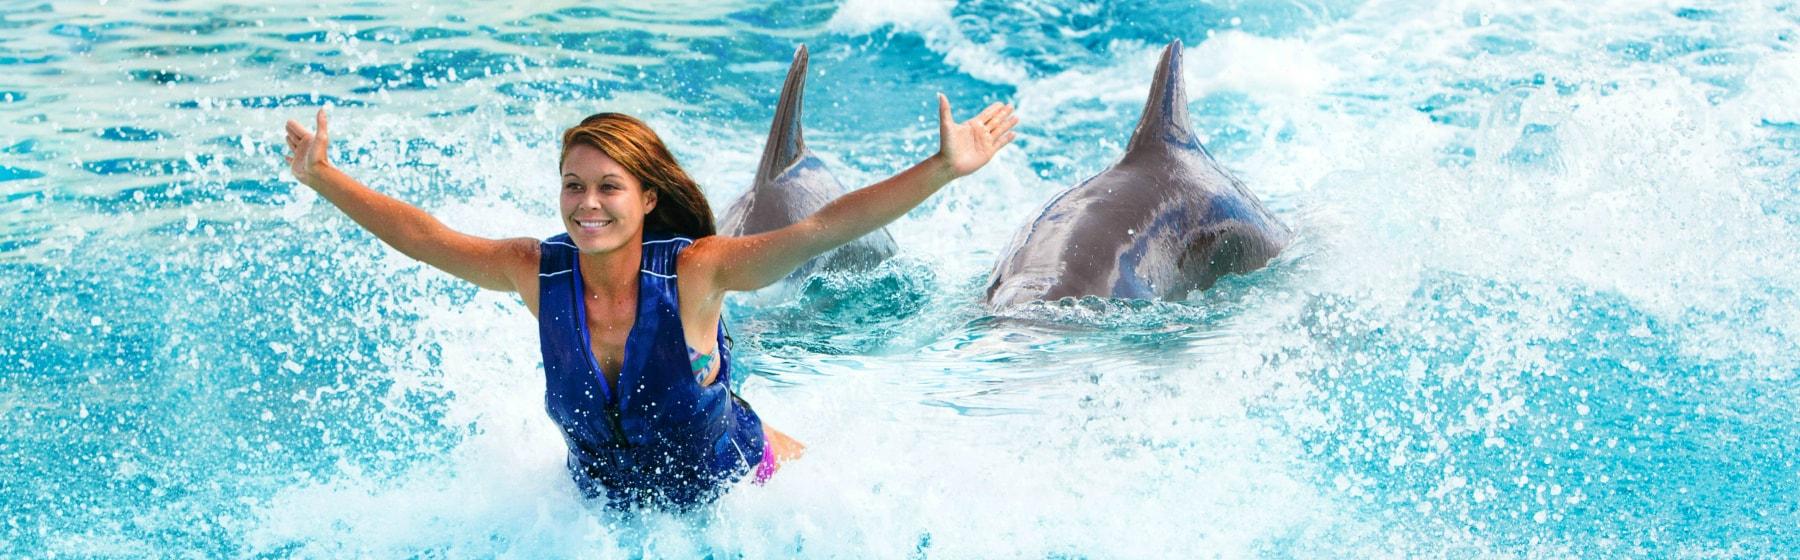 Sea Life Park Hawaii Dolphin Royal Swim Photo